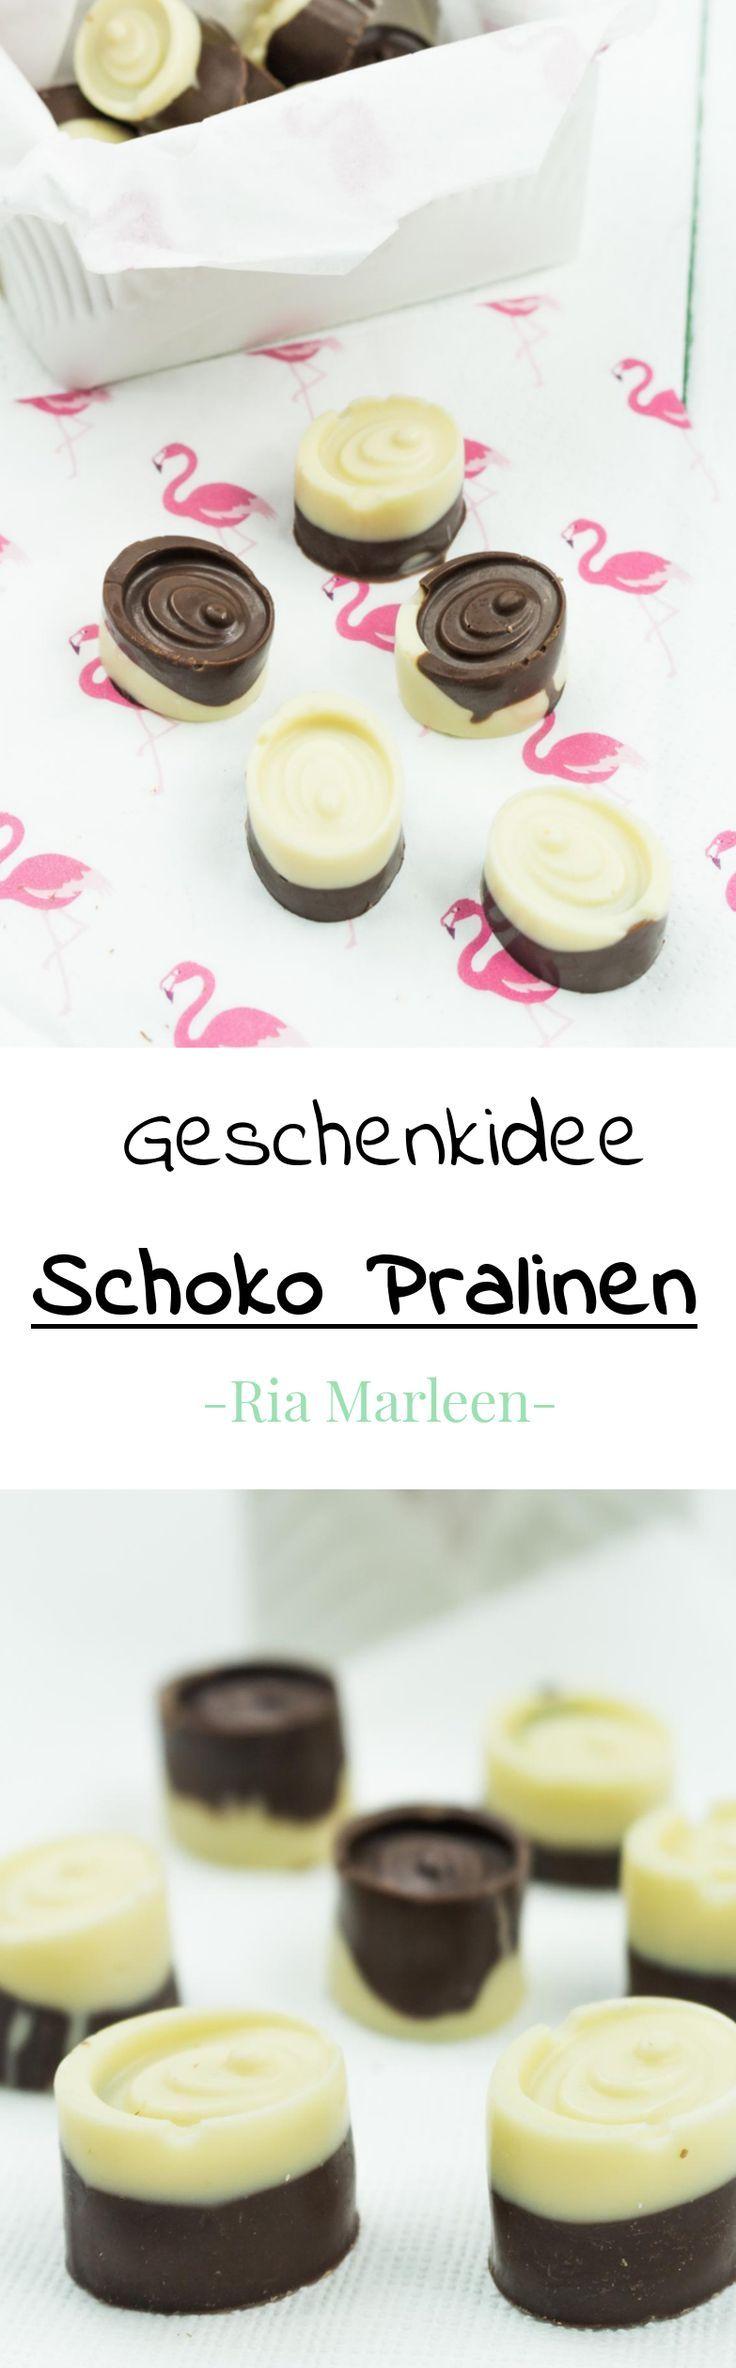 DIY Geschenkidee: Schoko Pralinen selber machen + Verpackung